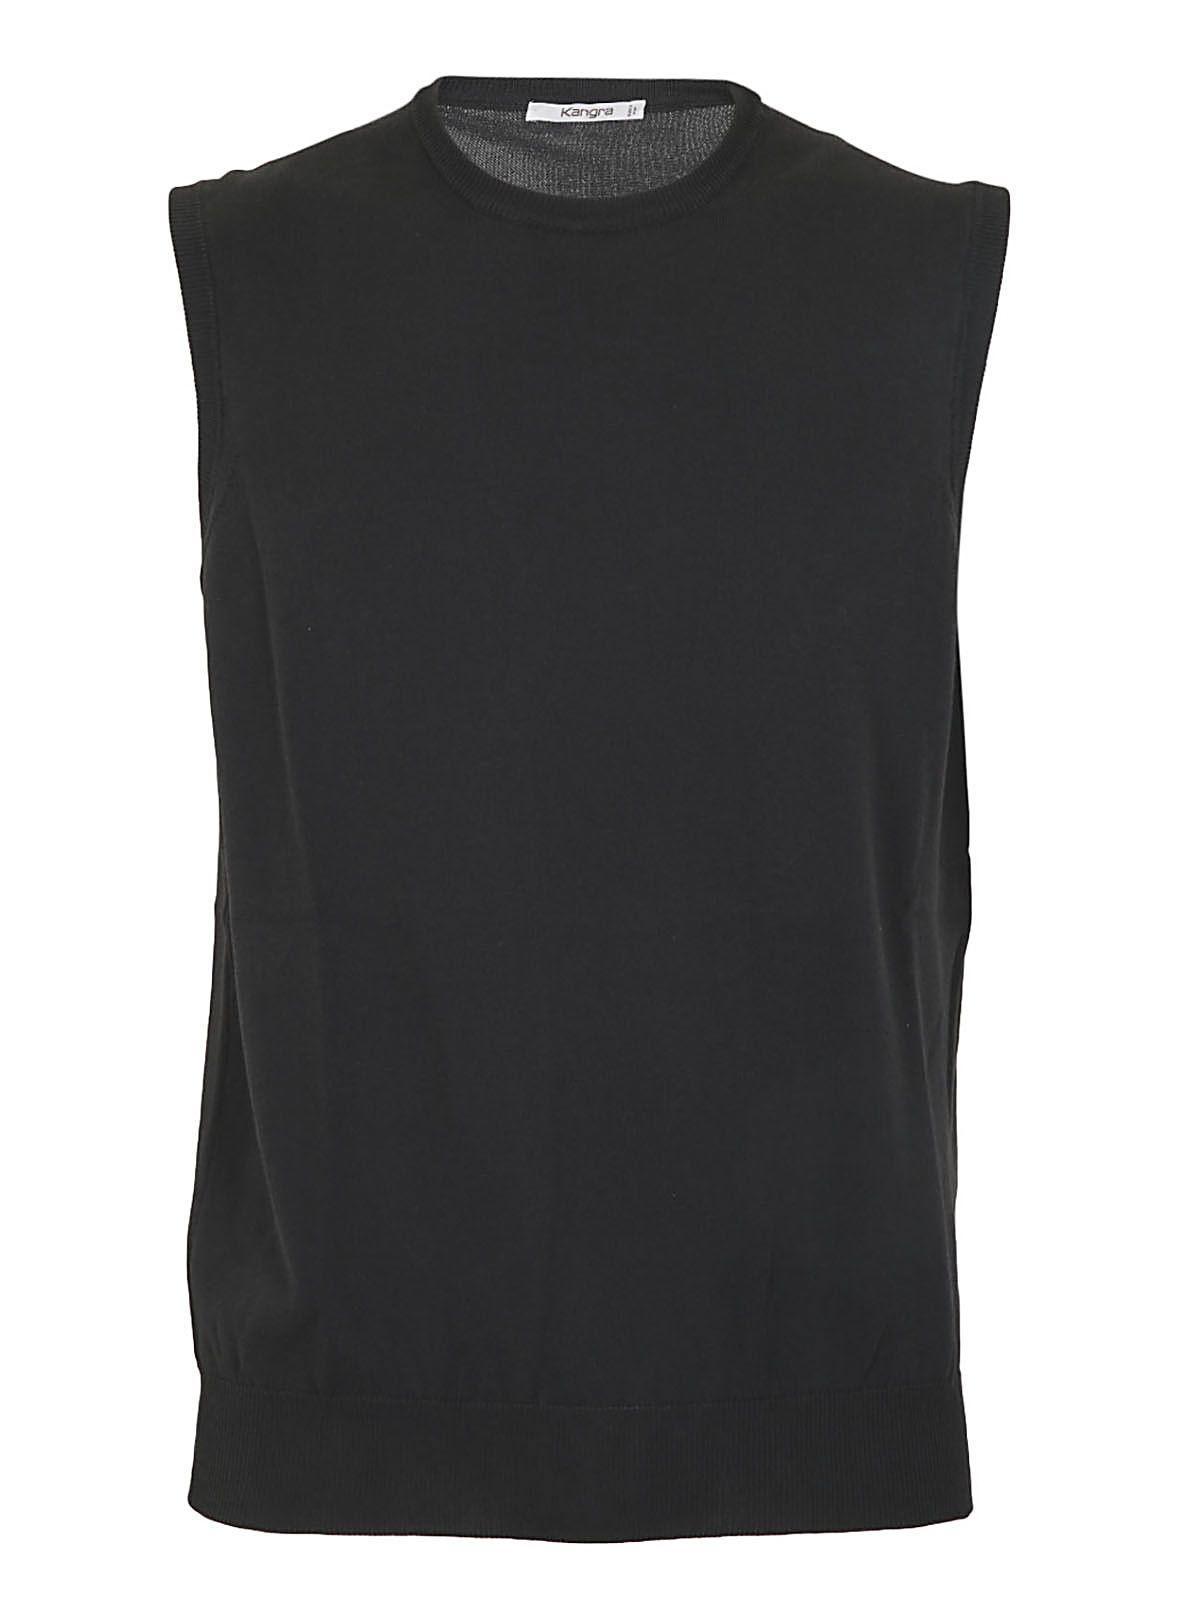 Kangra Sleeveless Sweater In Carbone